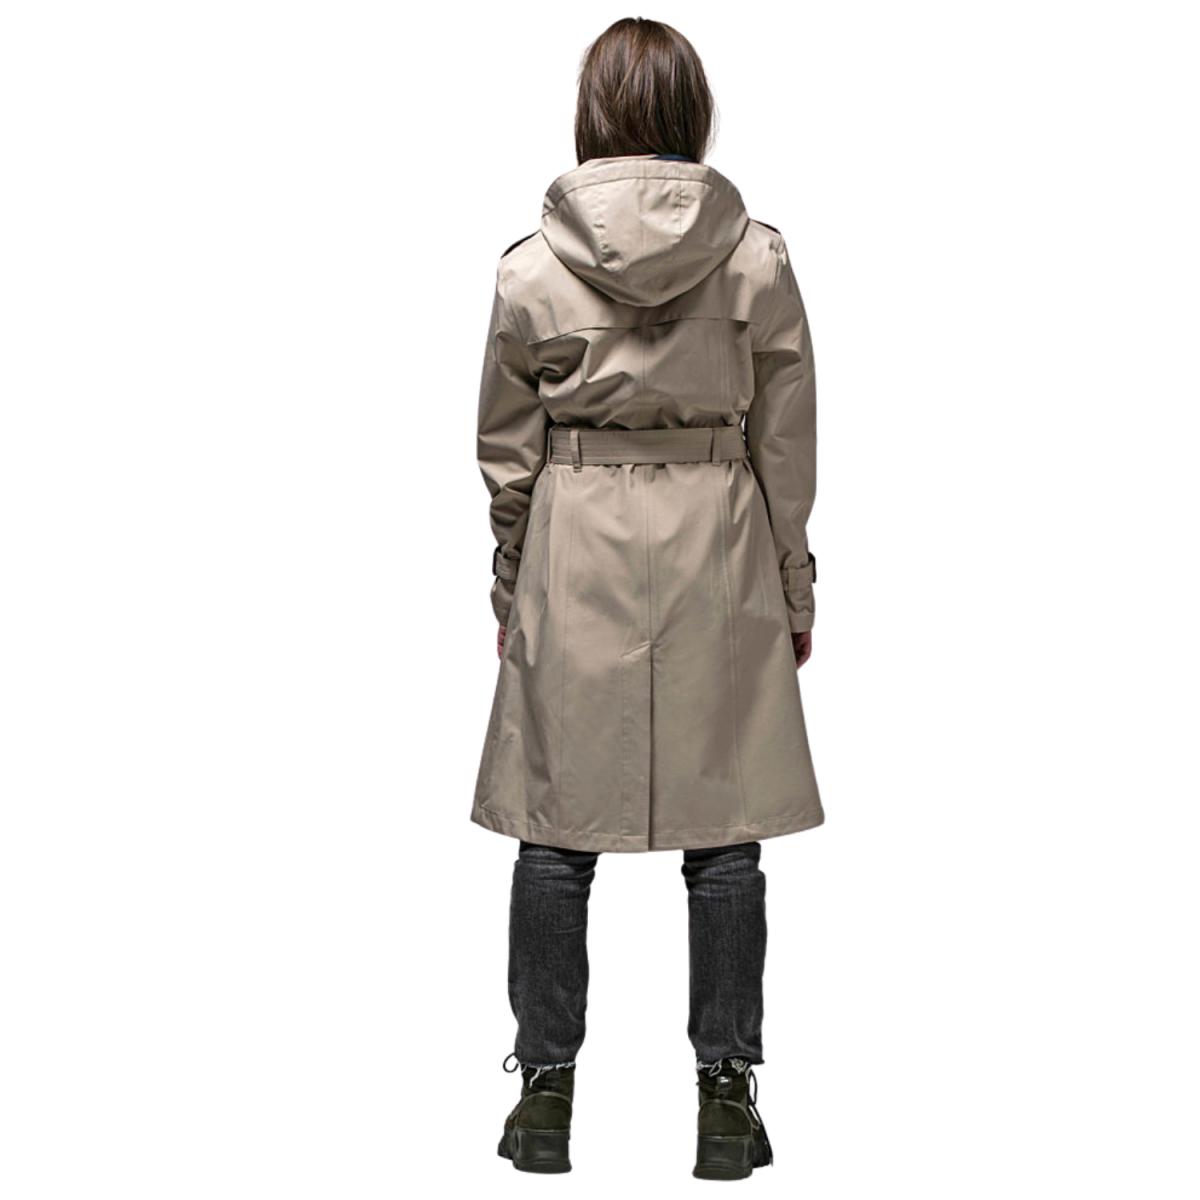 vigra regn frakke beige - model billede - bag